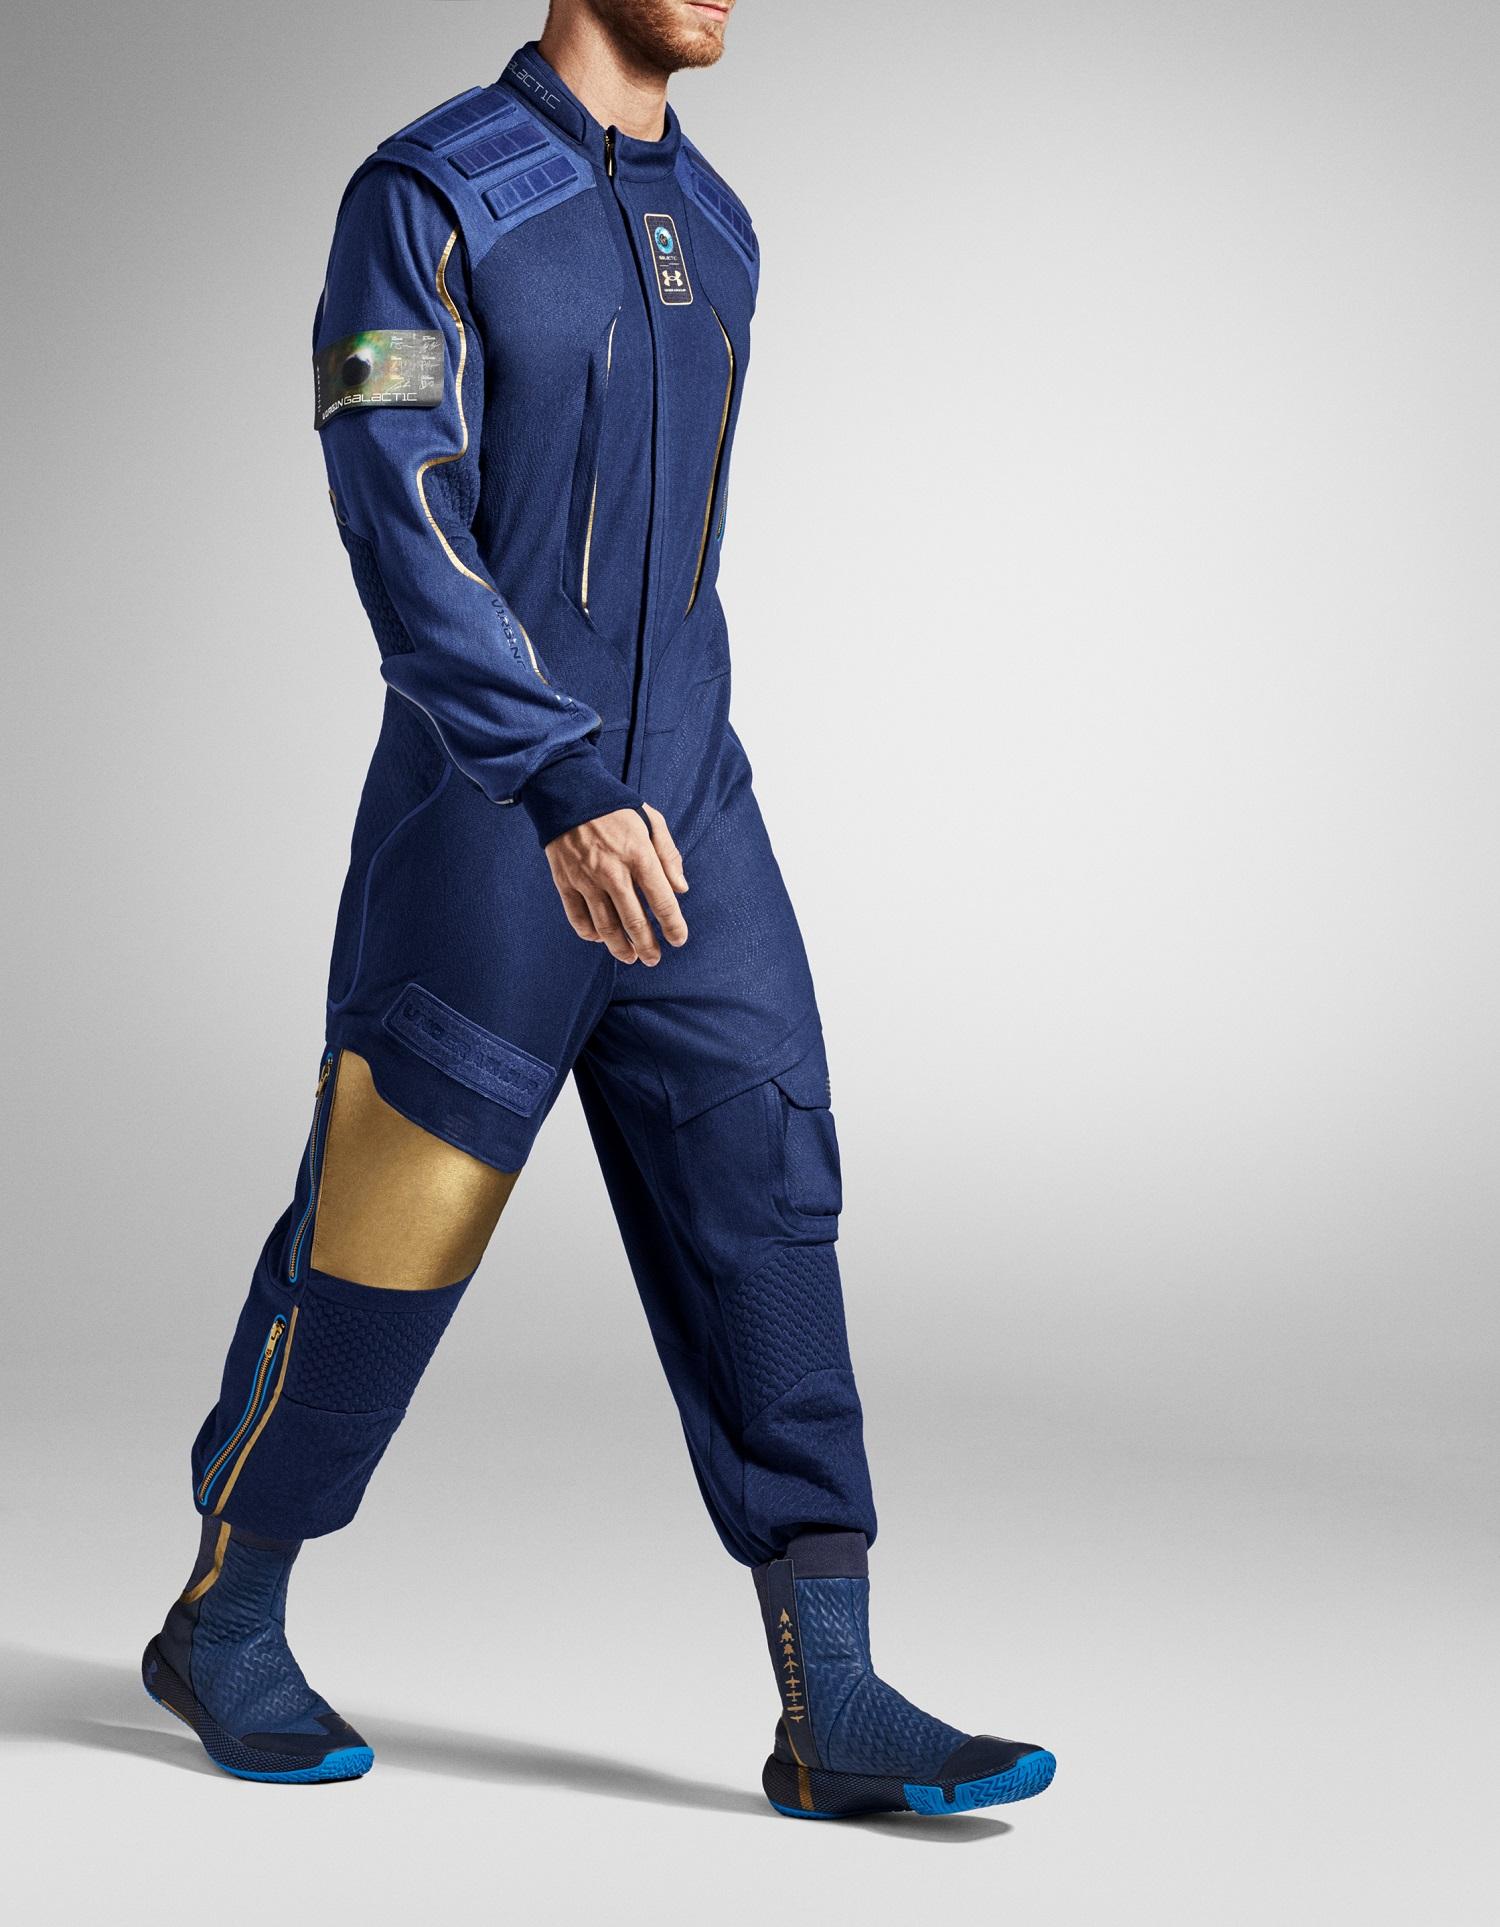 I l dolce servire  Under Armour veste gli astronauti del futuro - Sportbusiness Magazine